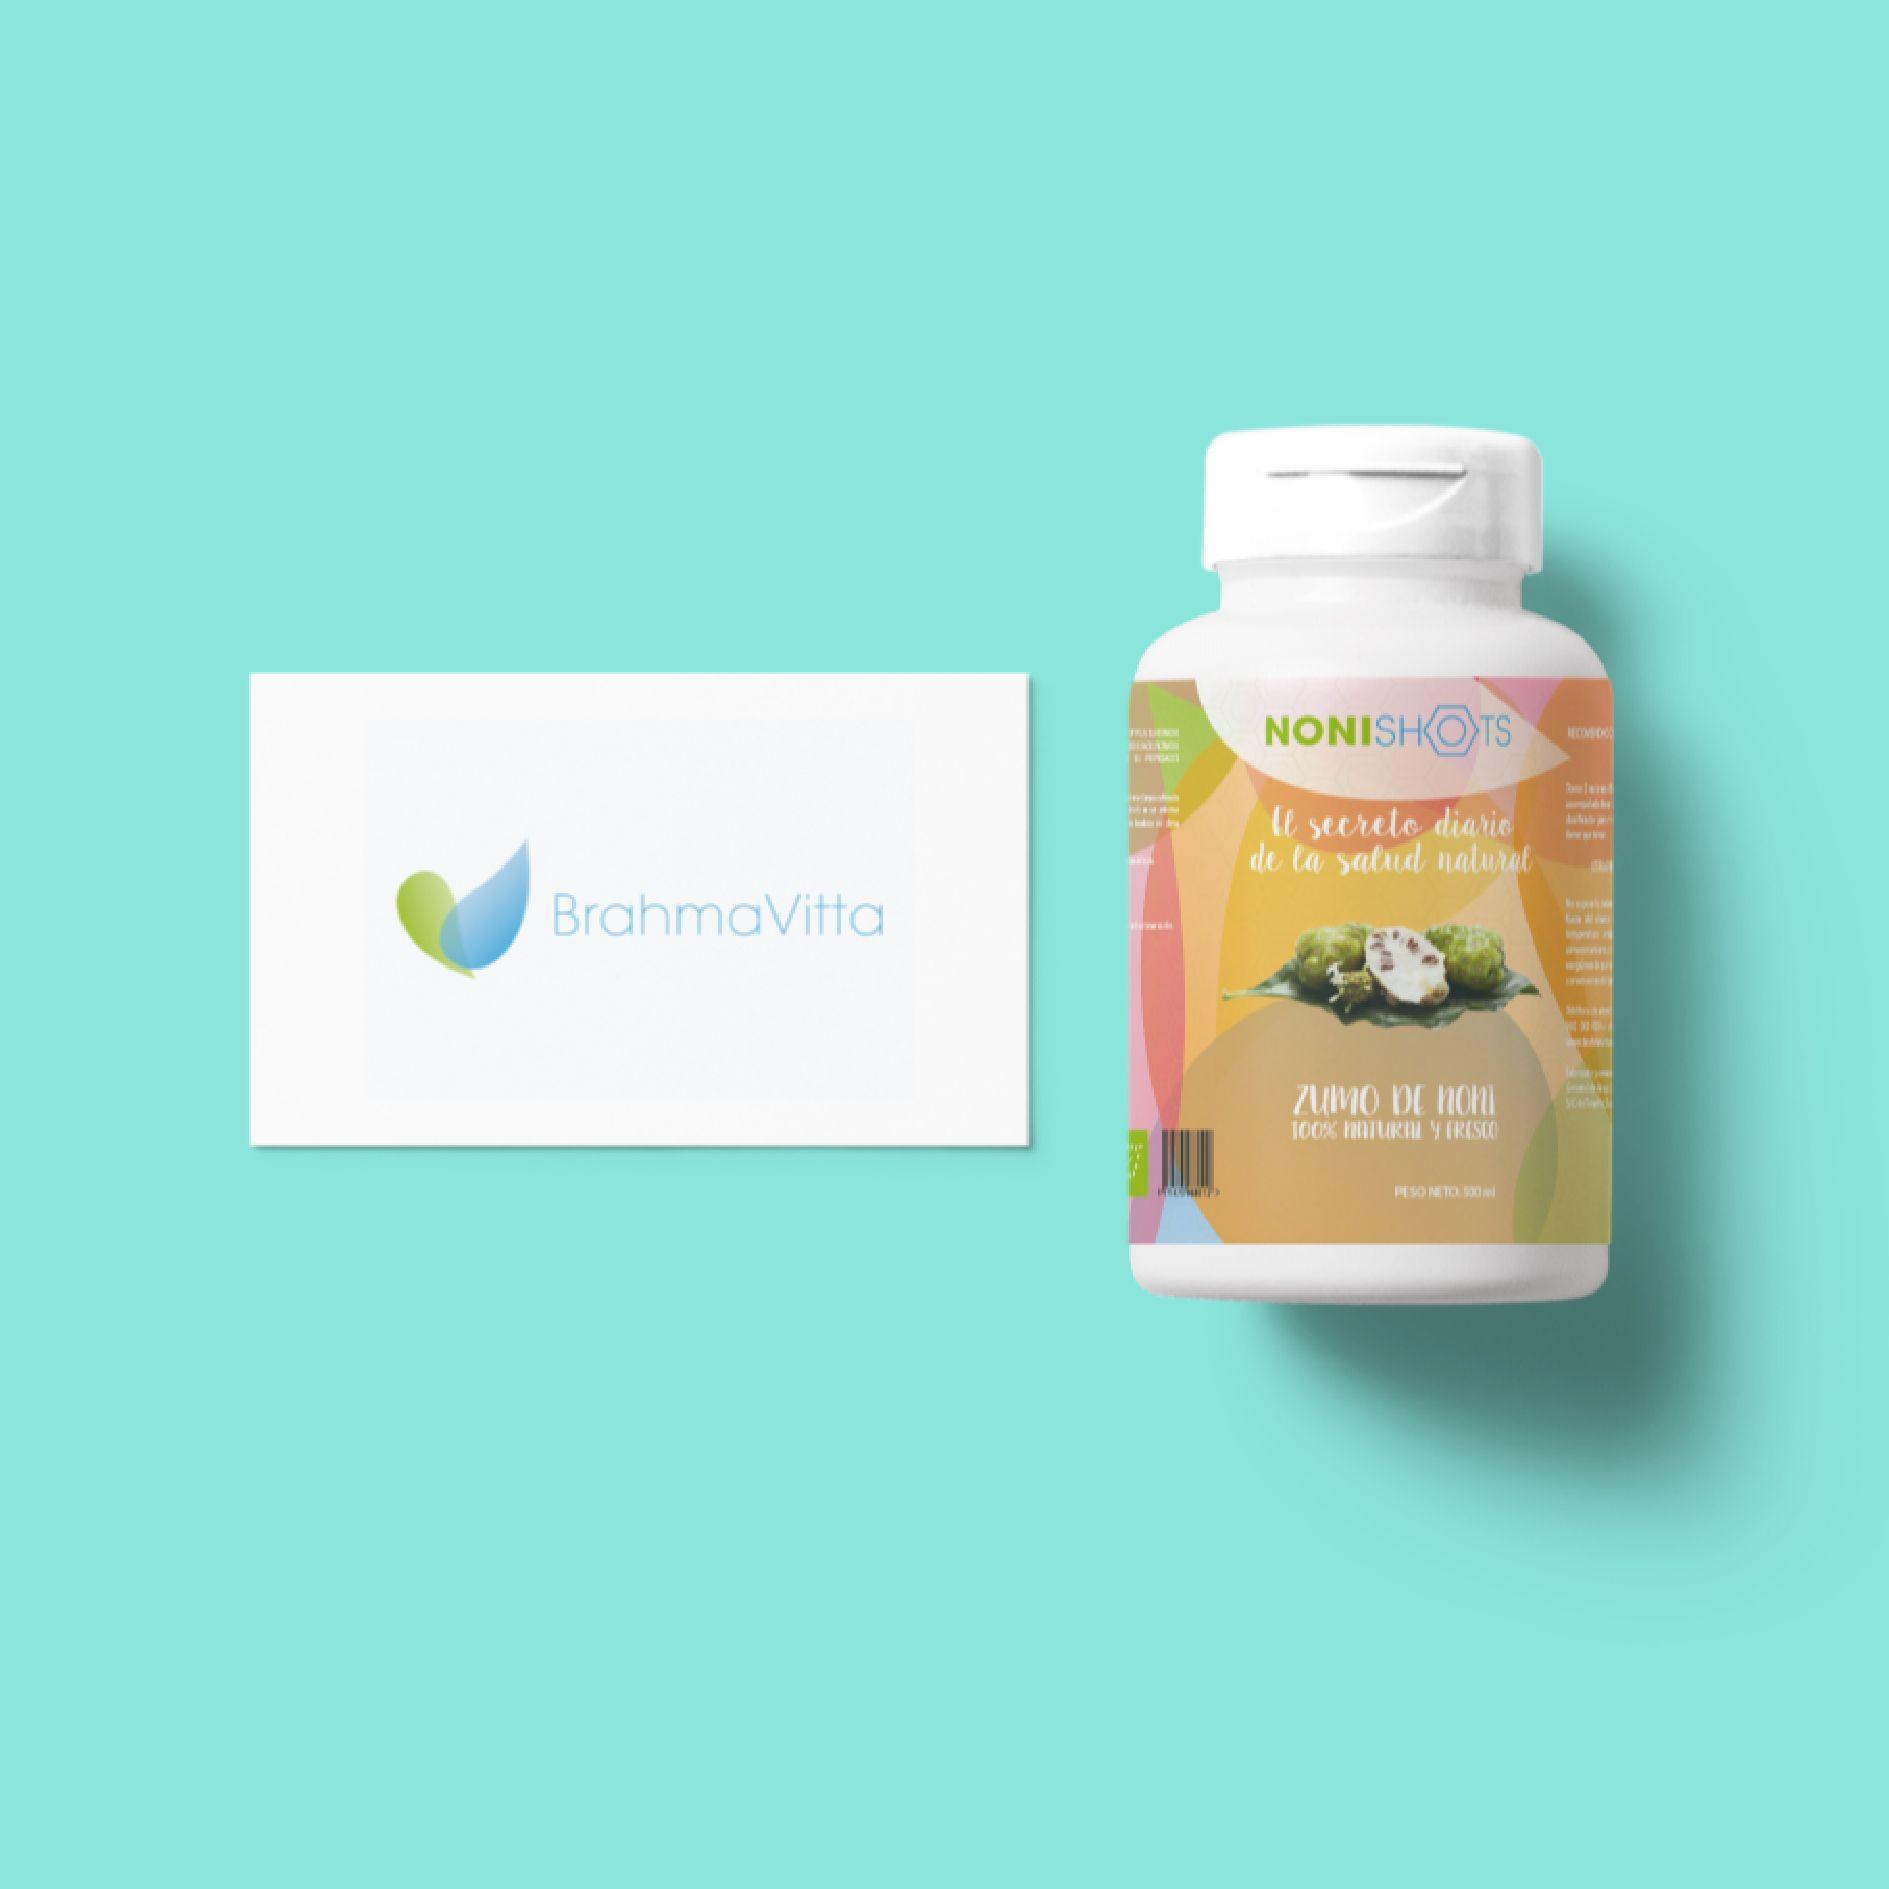 Identidad corporativa y etiquetado de envase para Brahma Vita